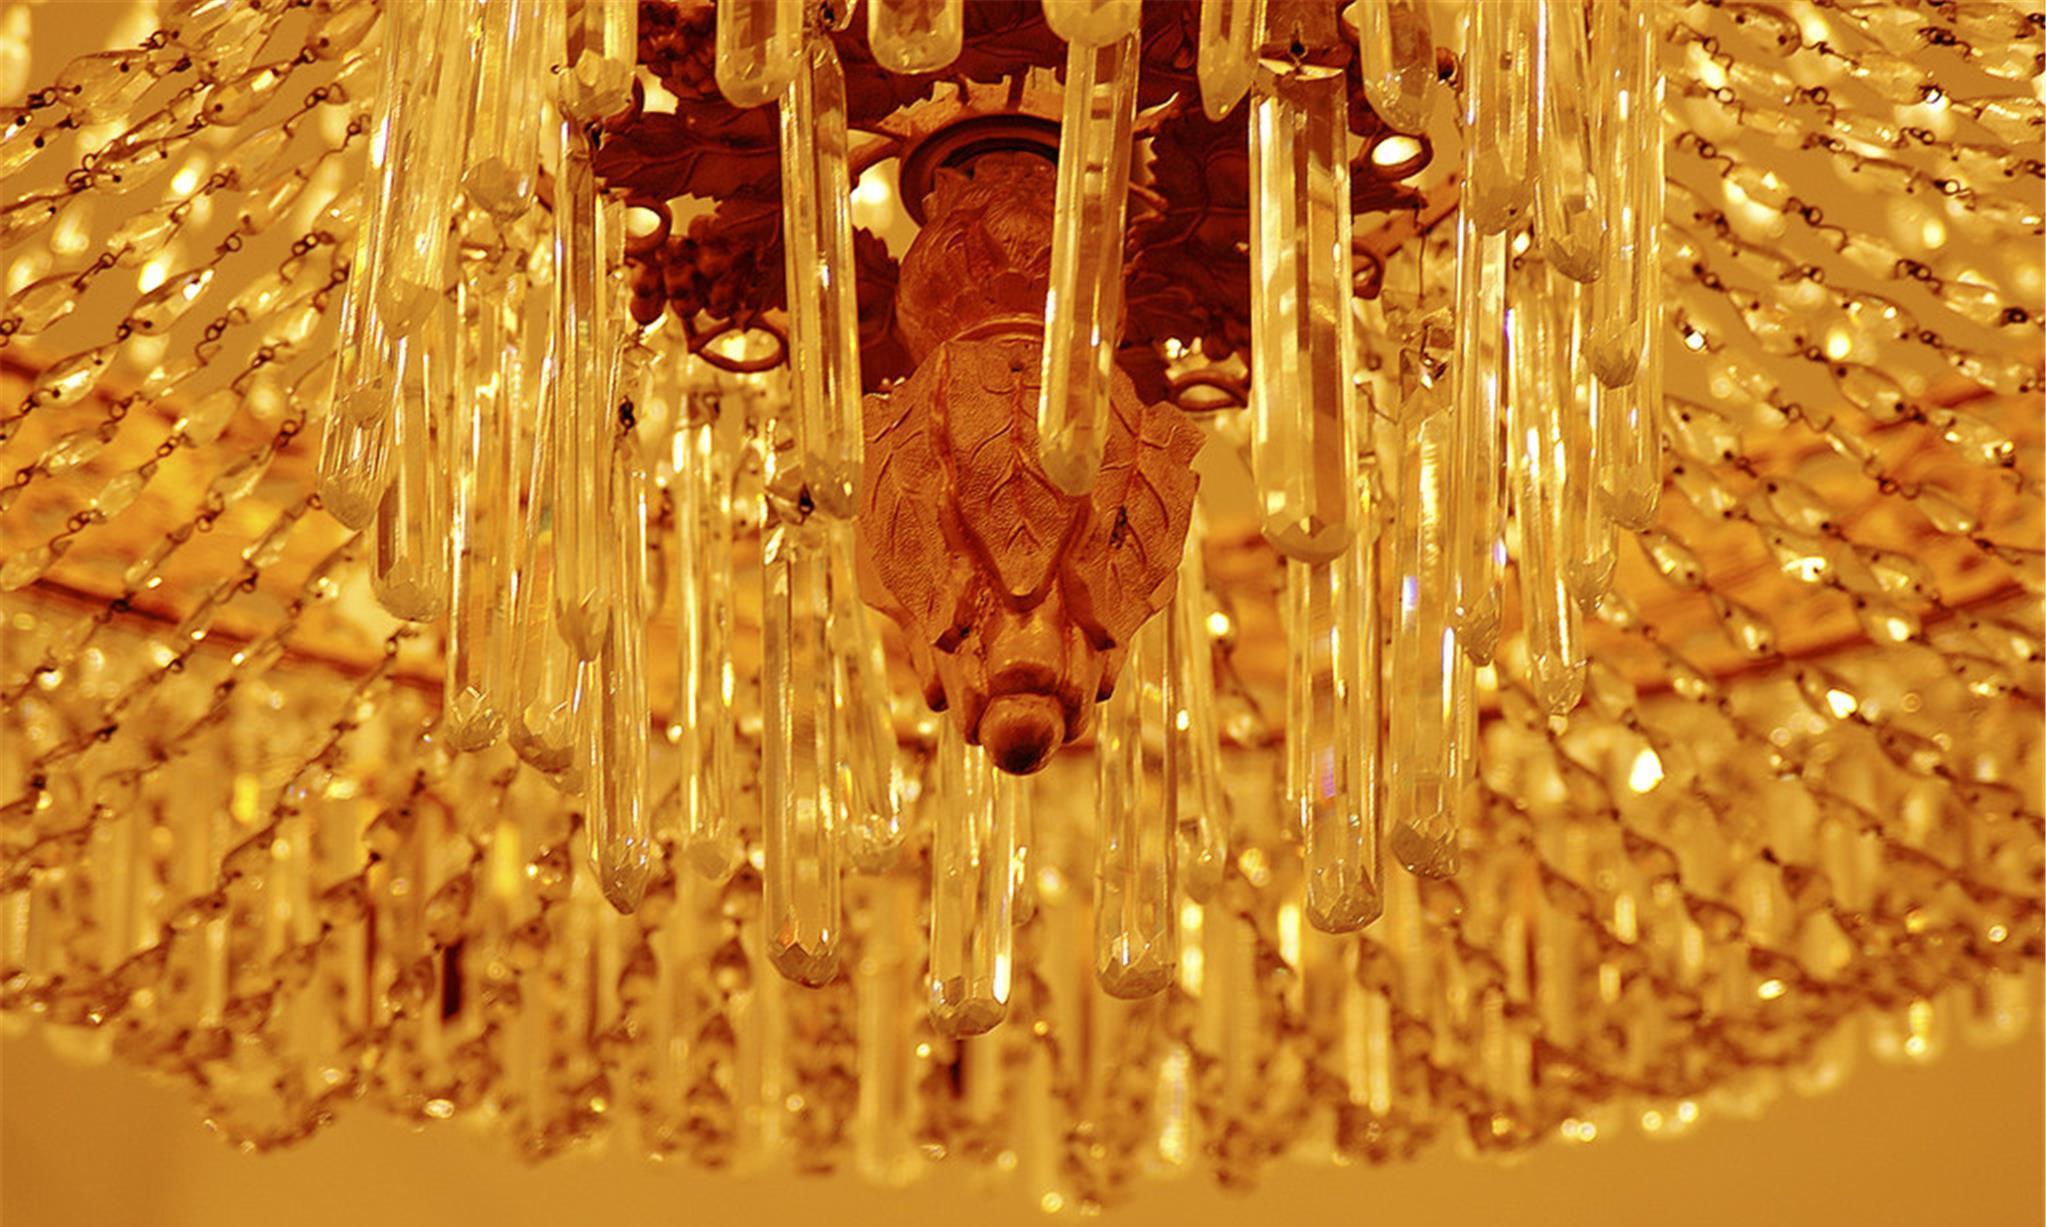 客厅里装个水晶吊灯吗?一定会blingbling的吗?